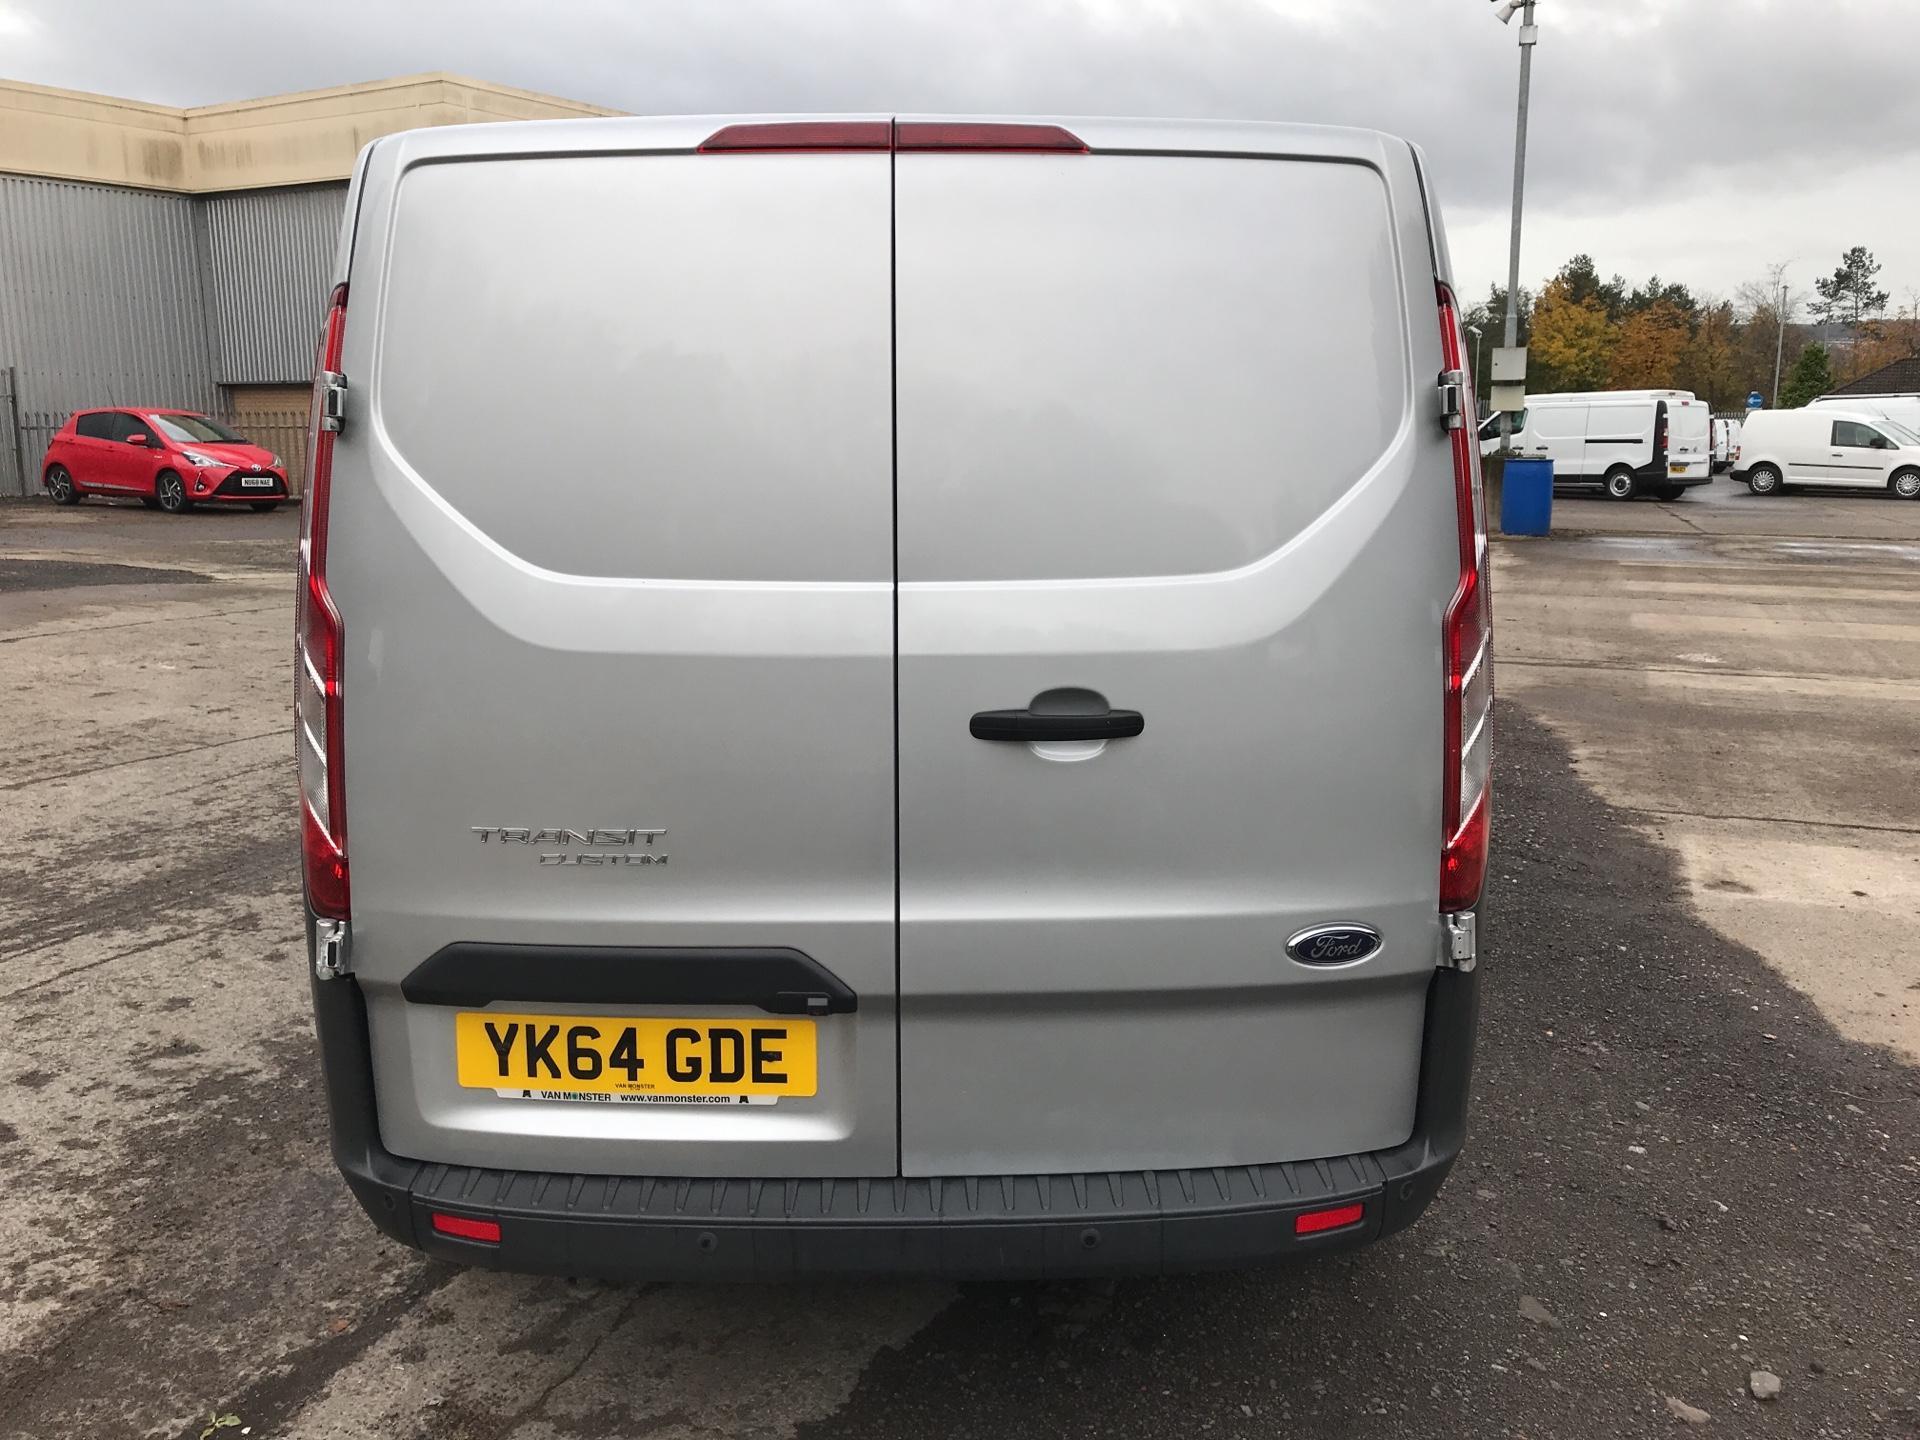 2014 Ford Transit Custom 330 L2 DIESEL FWD 2.2 TDCI 125PS LOW ROOF TREND VAN EURO 5 (YK64GDE) Image 4